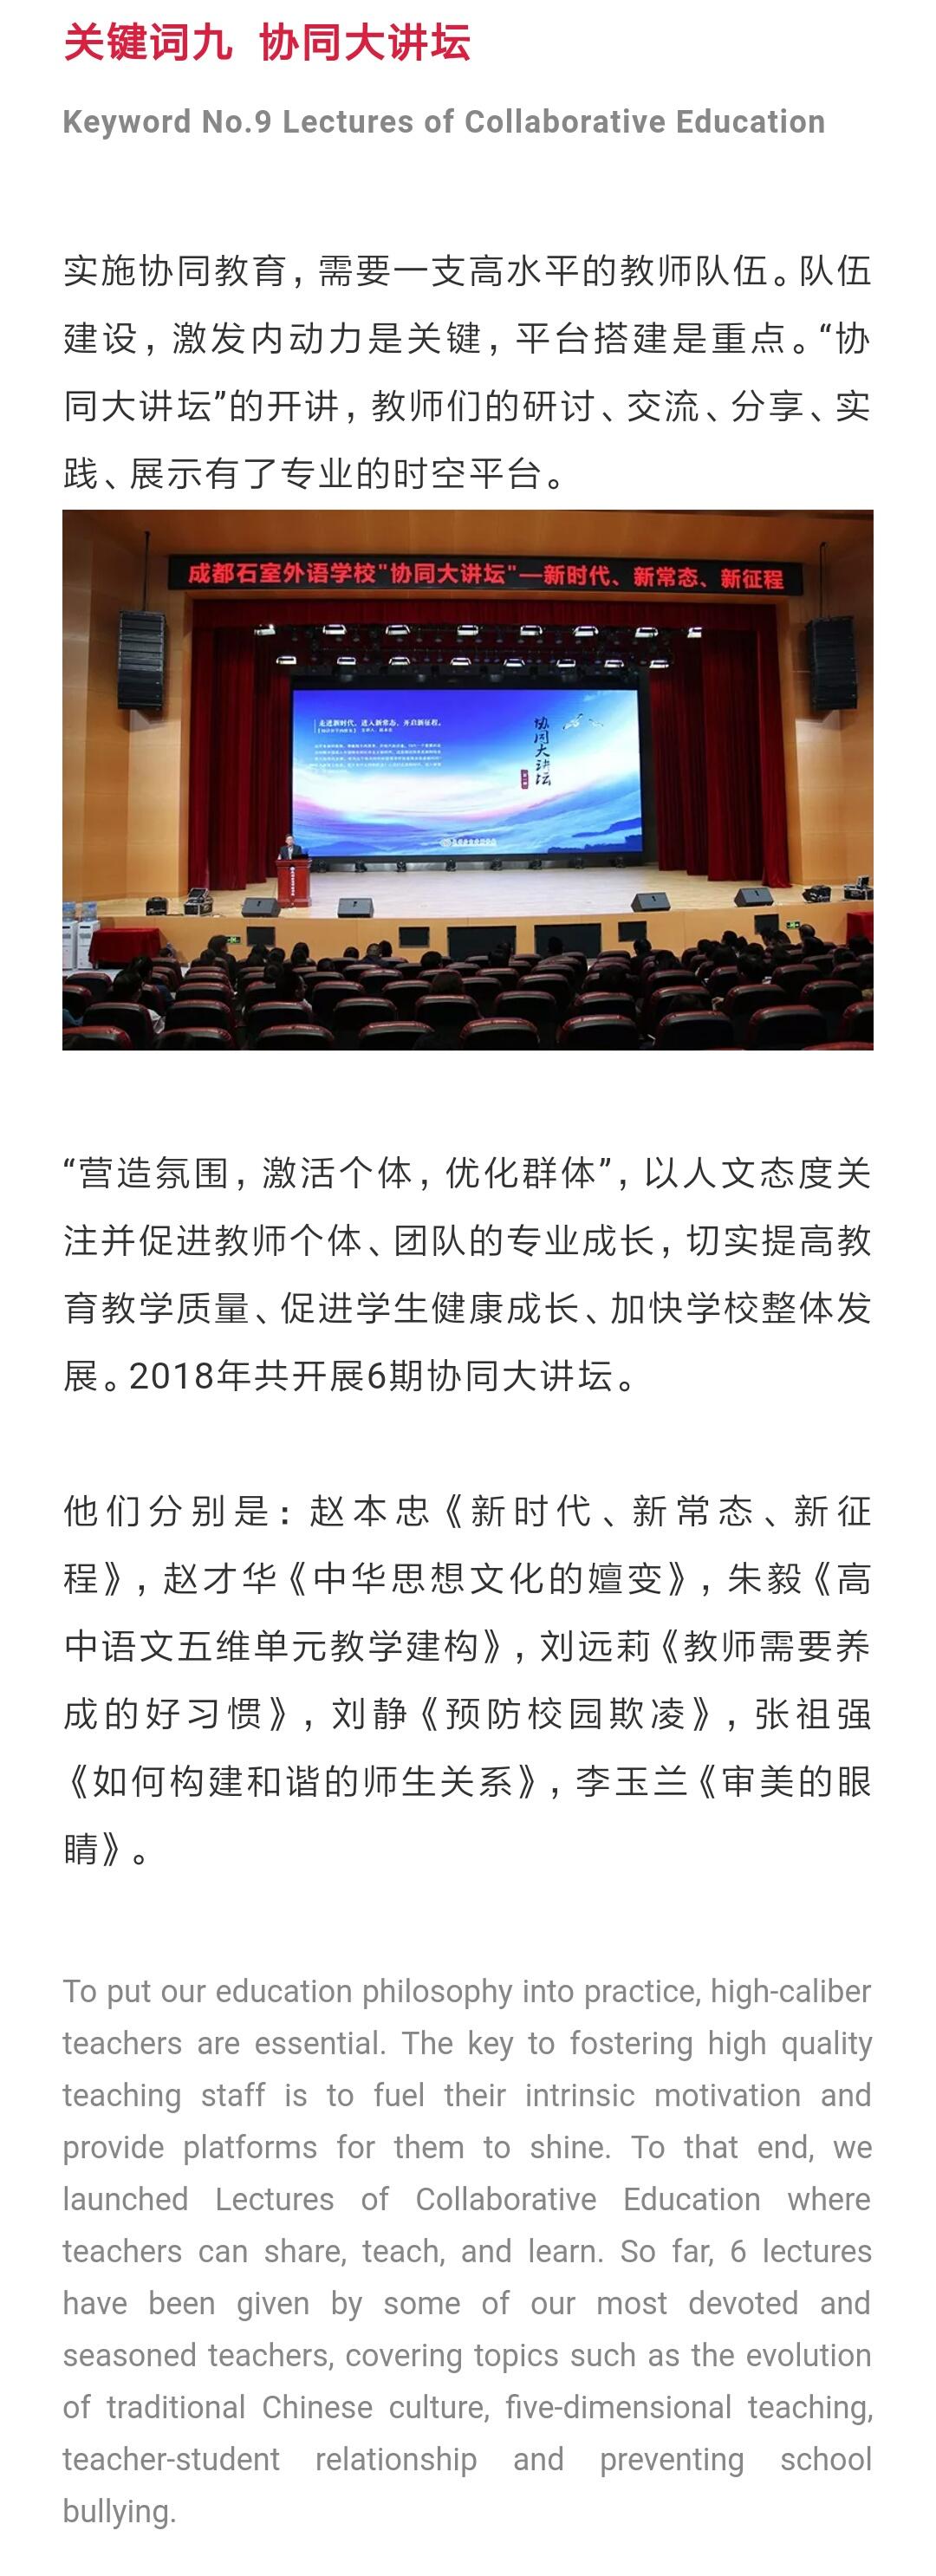 Screenshot_2019-02-16-10-46-02-126_com.tencent.mm.png